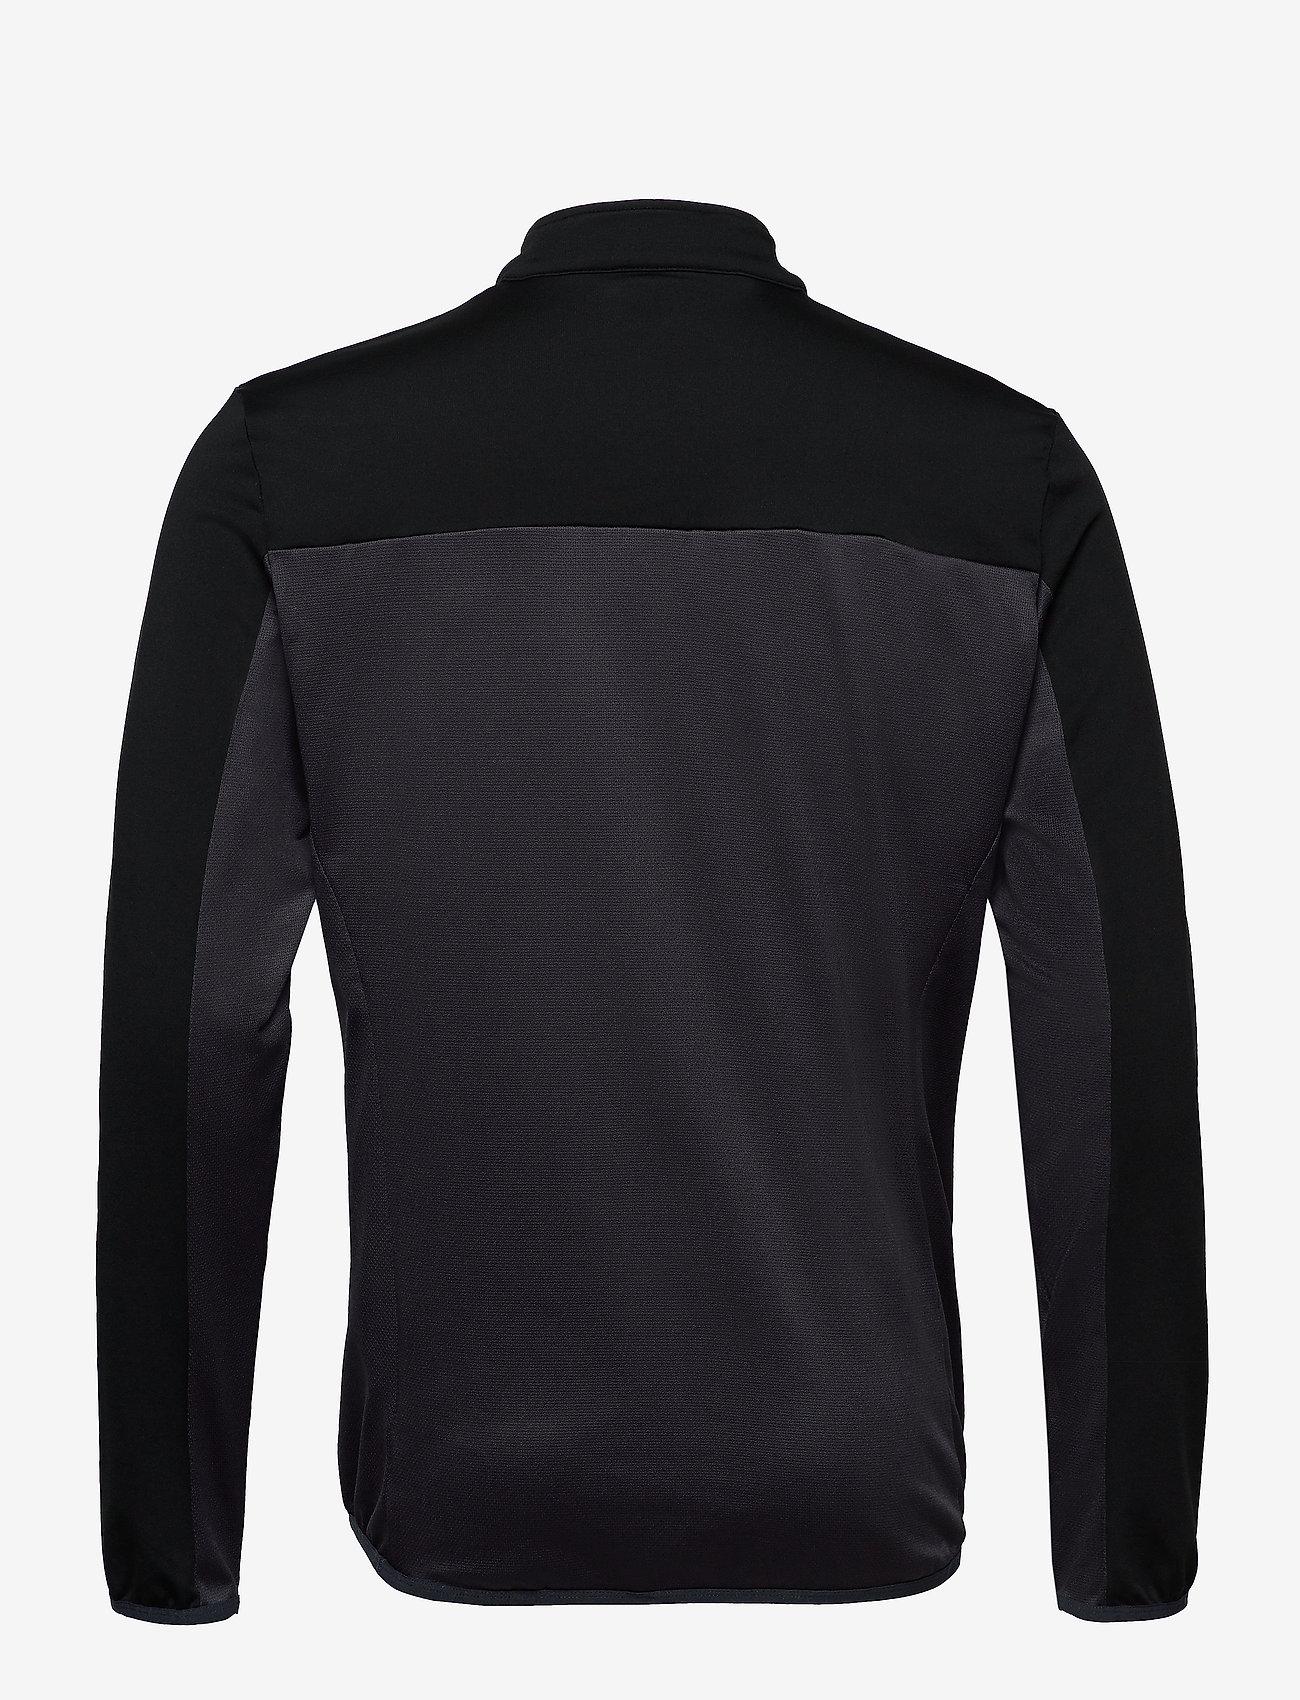 Ventech Colour Block Midlayer (Graphite Marl) - Lyle & Scott Sport b1rpfP